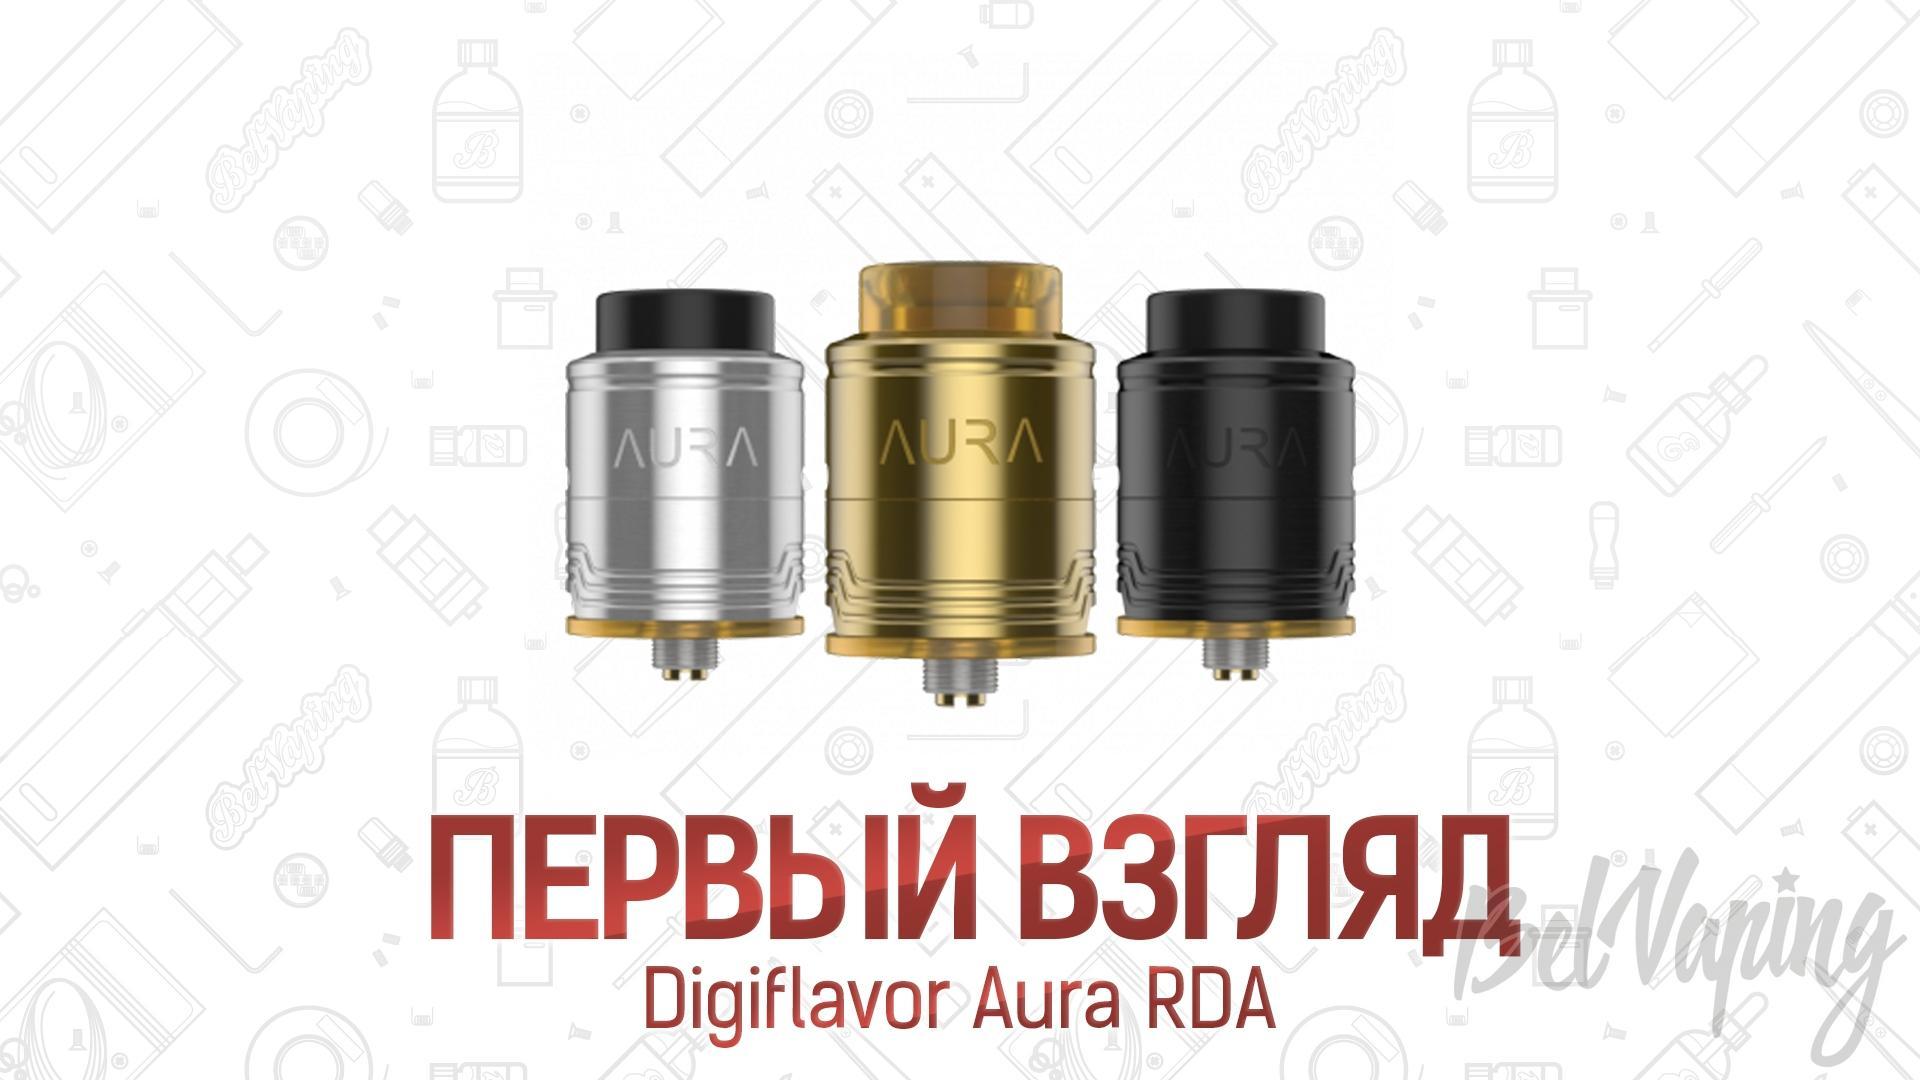 Digiflavor Aura RDA. Первый взгляд